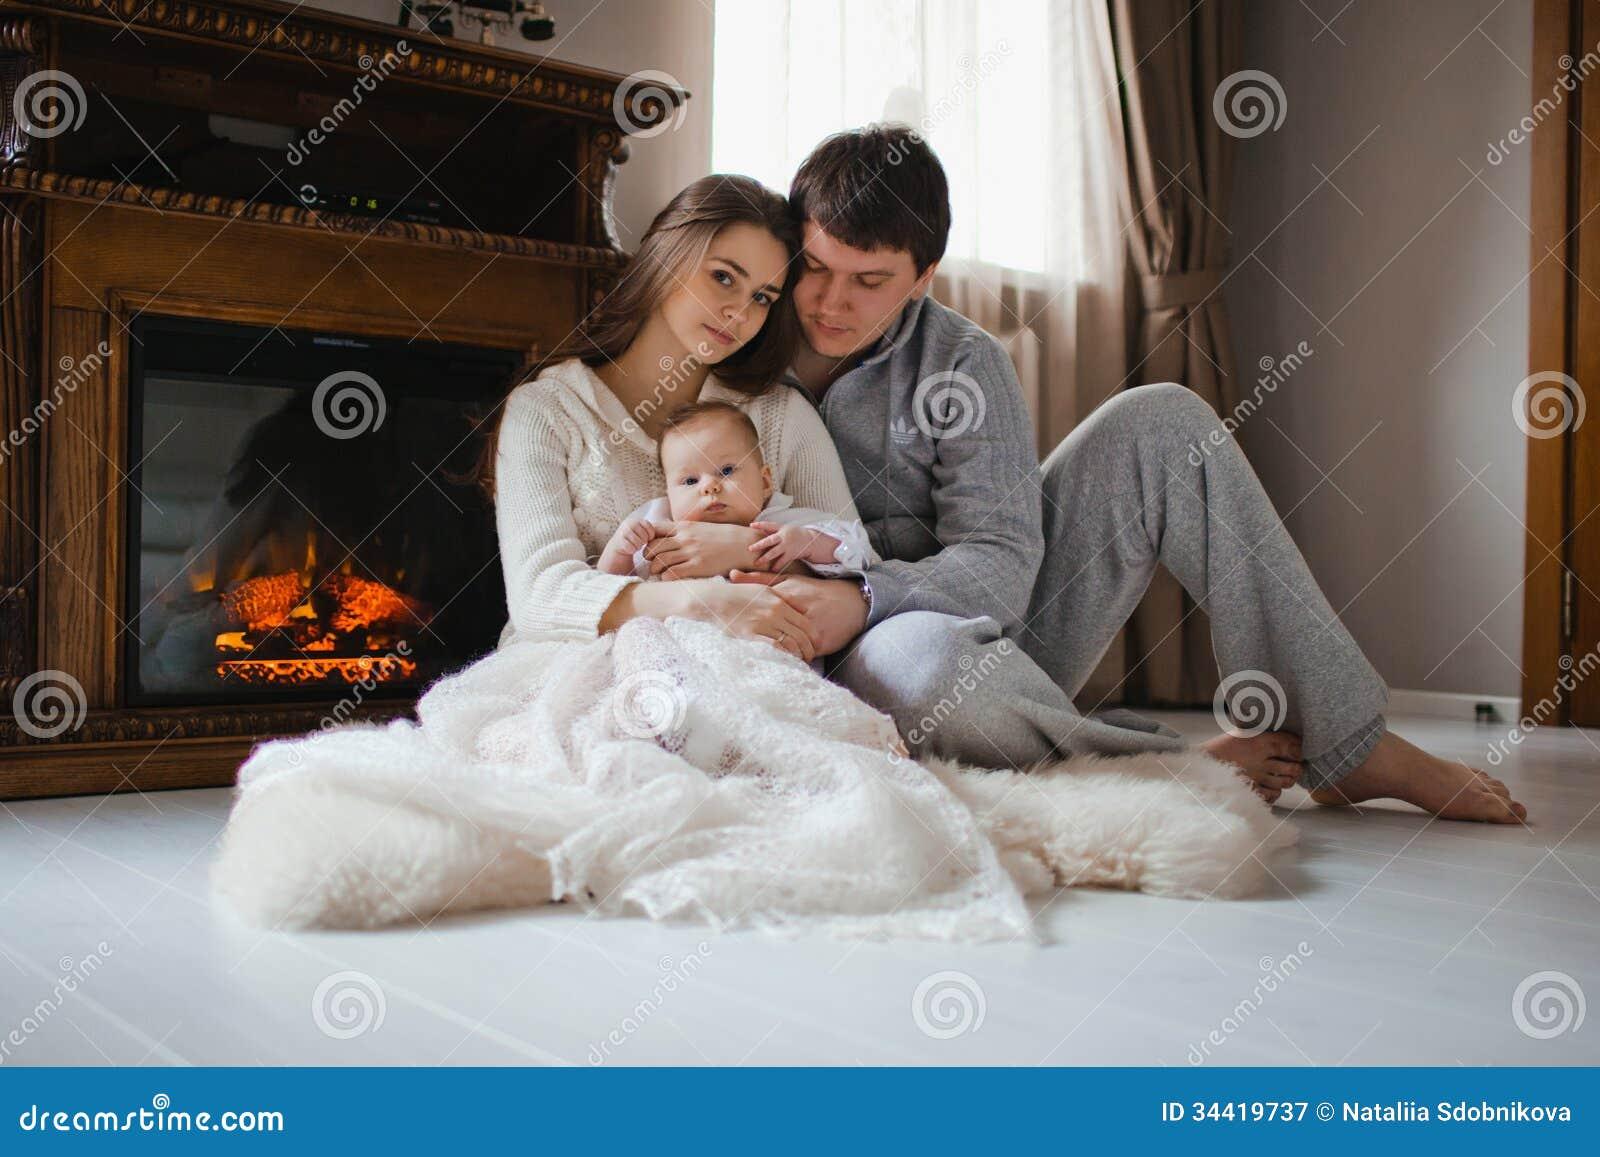 Семейные фото у камина 7 фотография